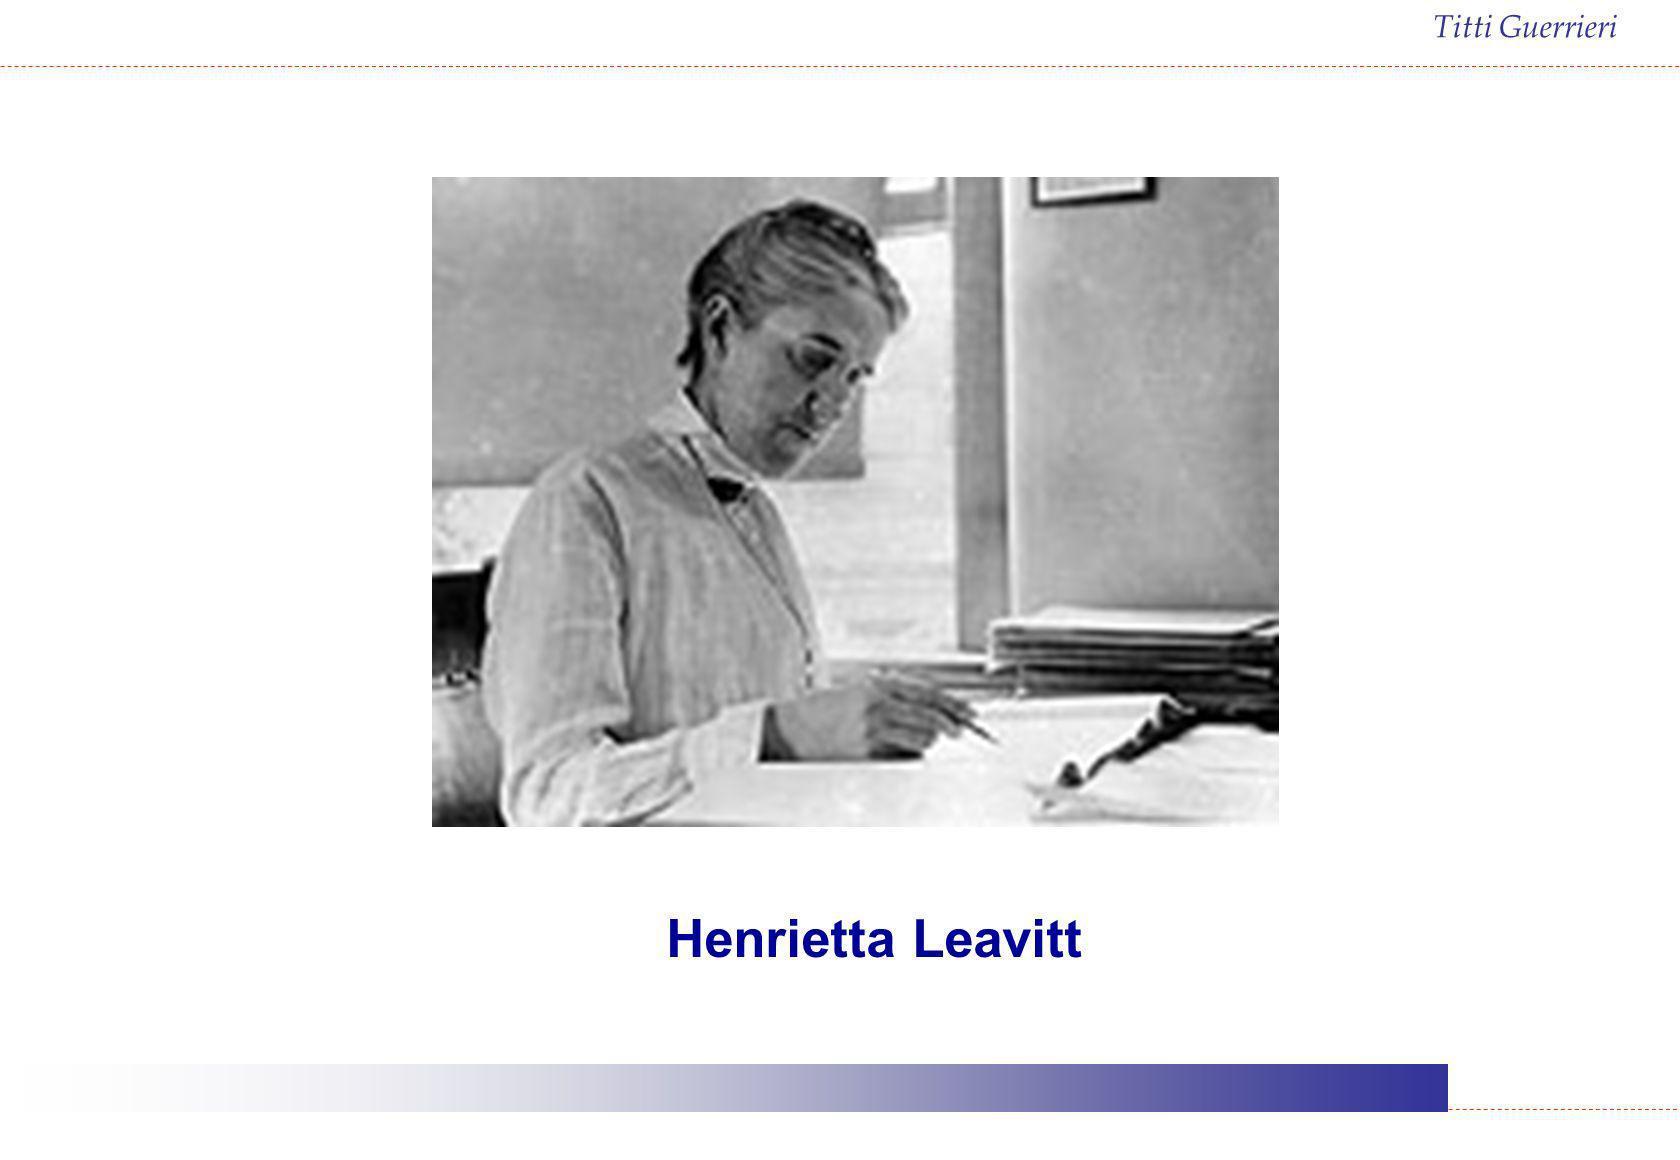 Titti Guerrieri Henrietta Leavitt